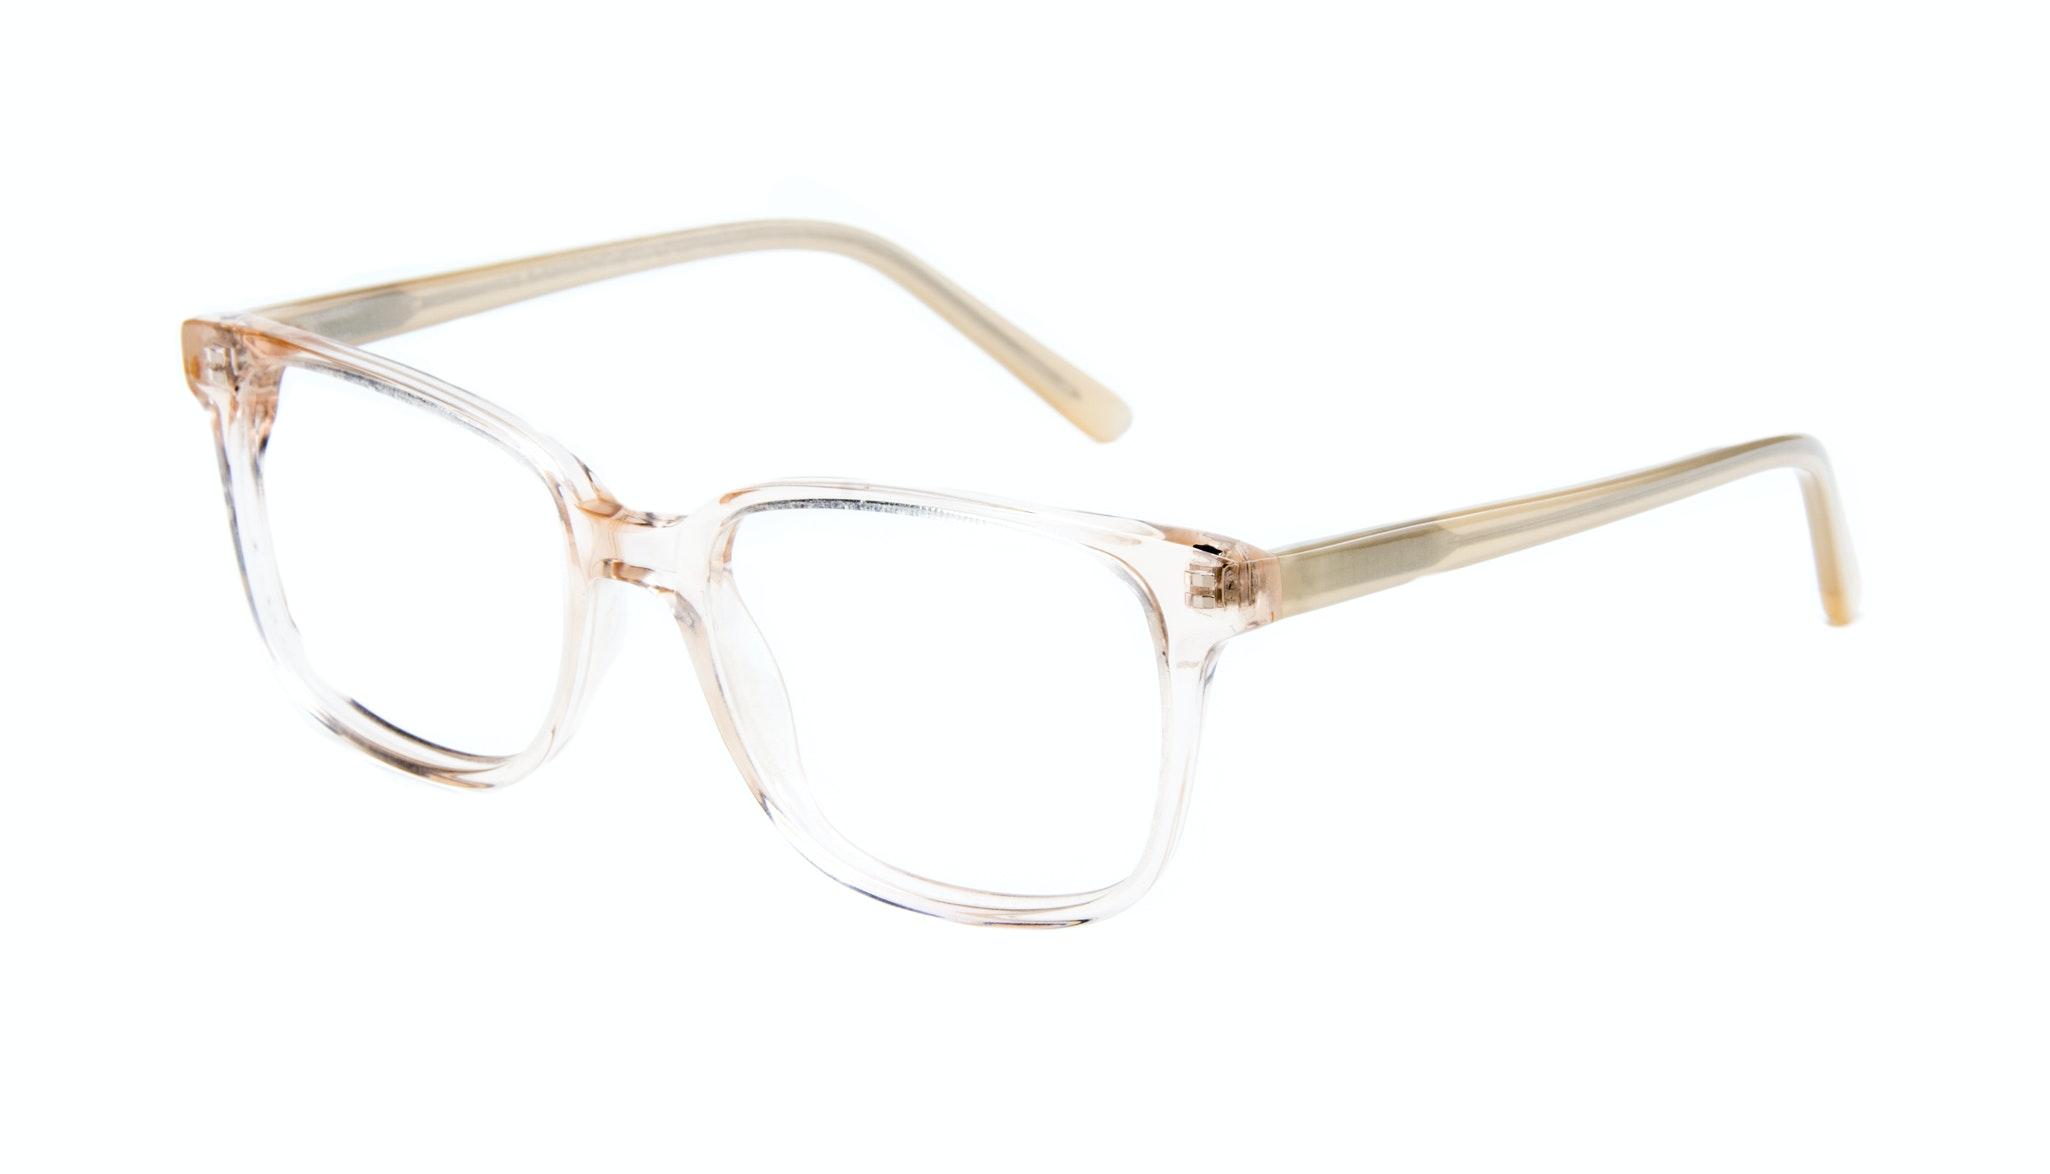 Affordable Fashion Glasses Square Eyeglasses Men Women Windsor Blond Metal Tilt